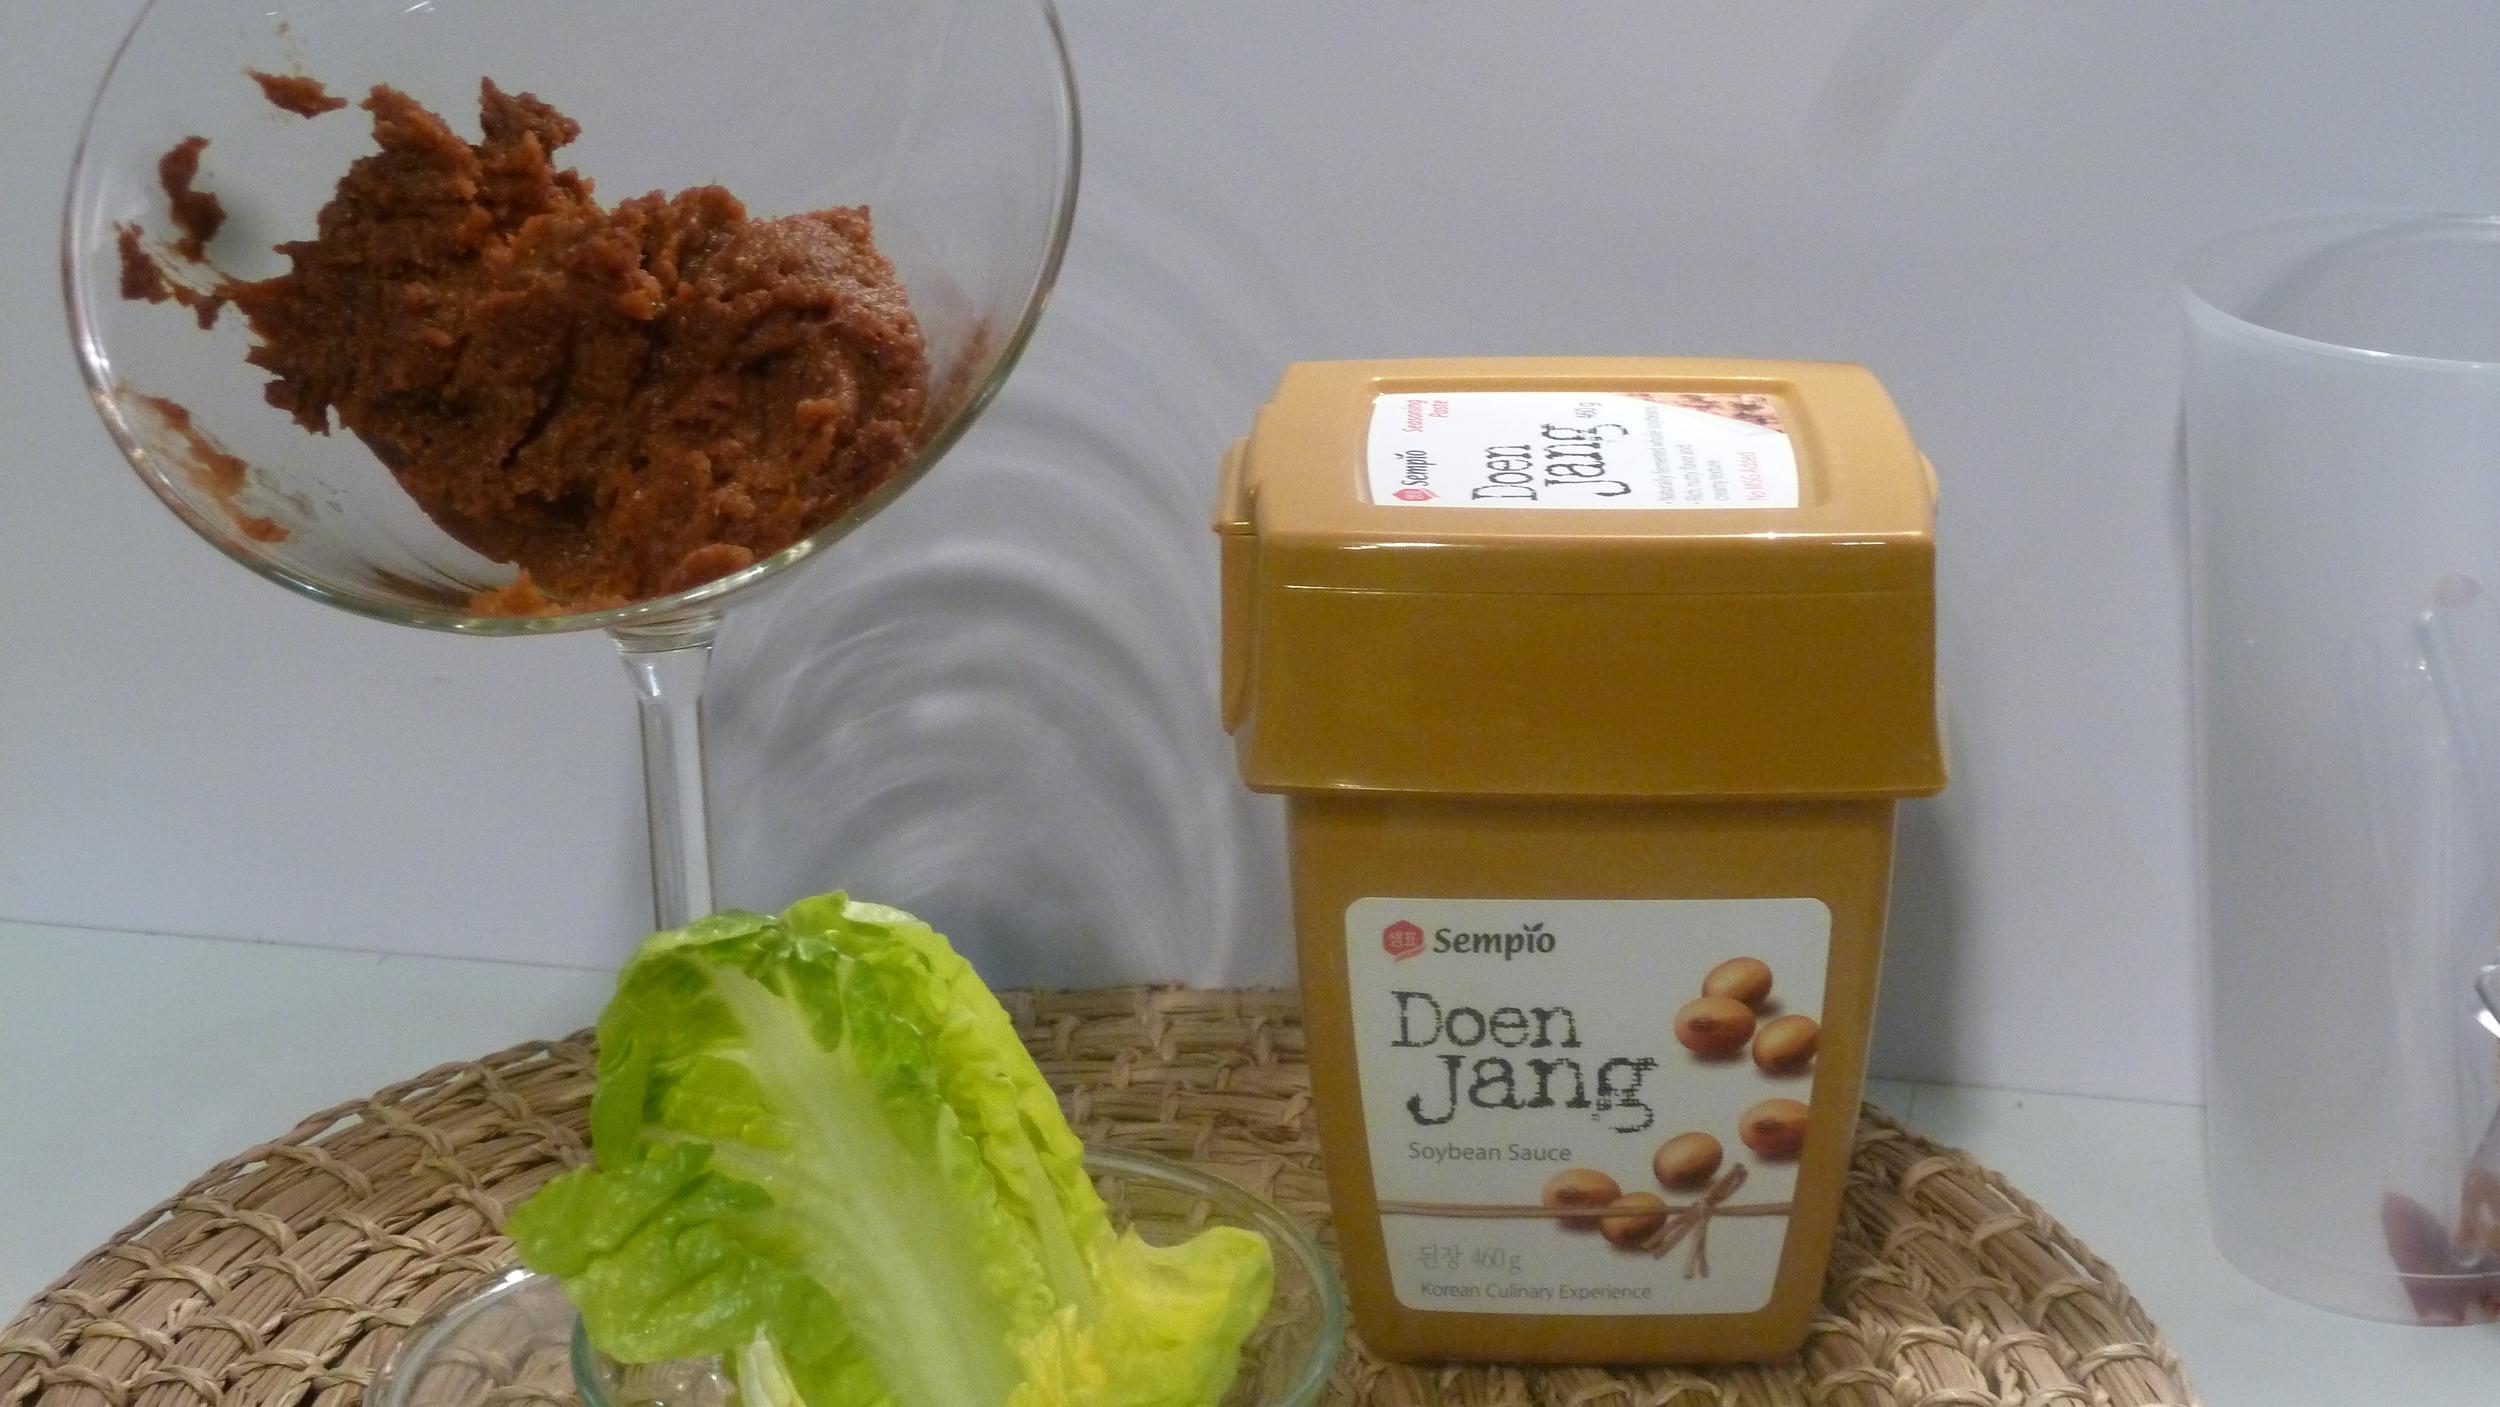 Uno de los productos del proyecto de comida en aerosol del chef español Andoni Luis Aduriz.